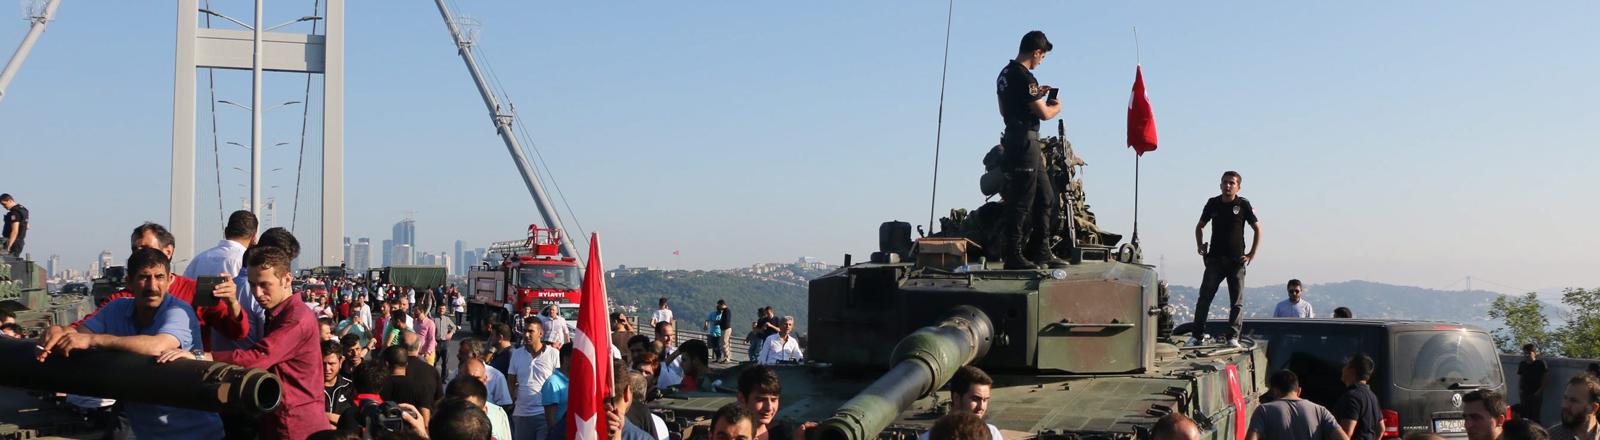 Bosporusbrücke nach dem Putschversuch am 15. Juli 2016